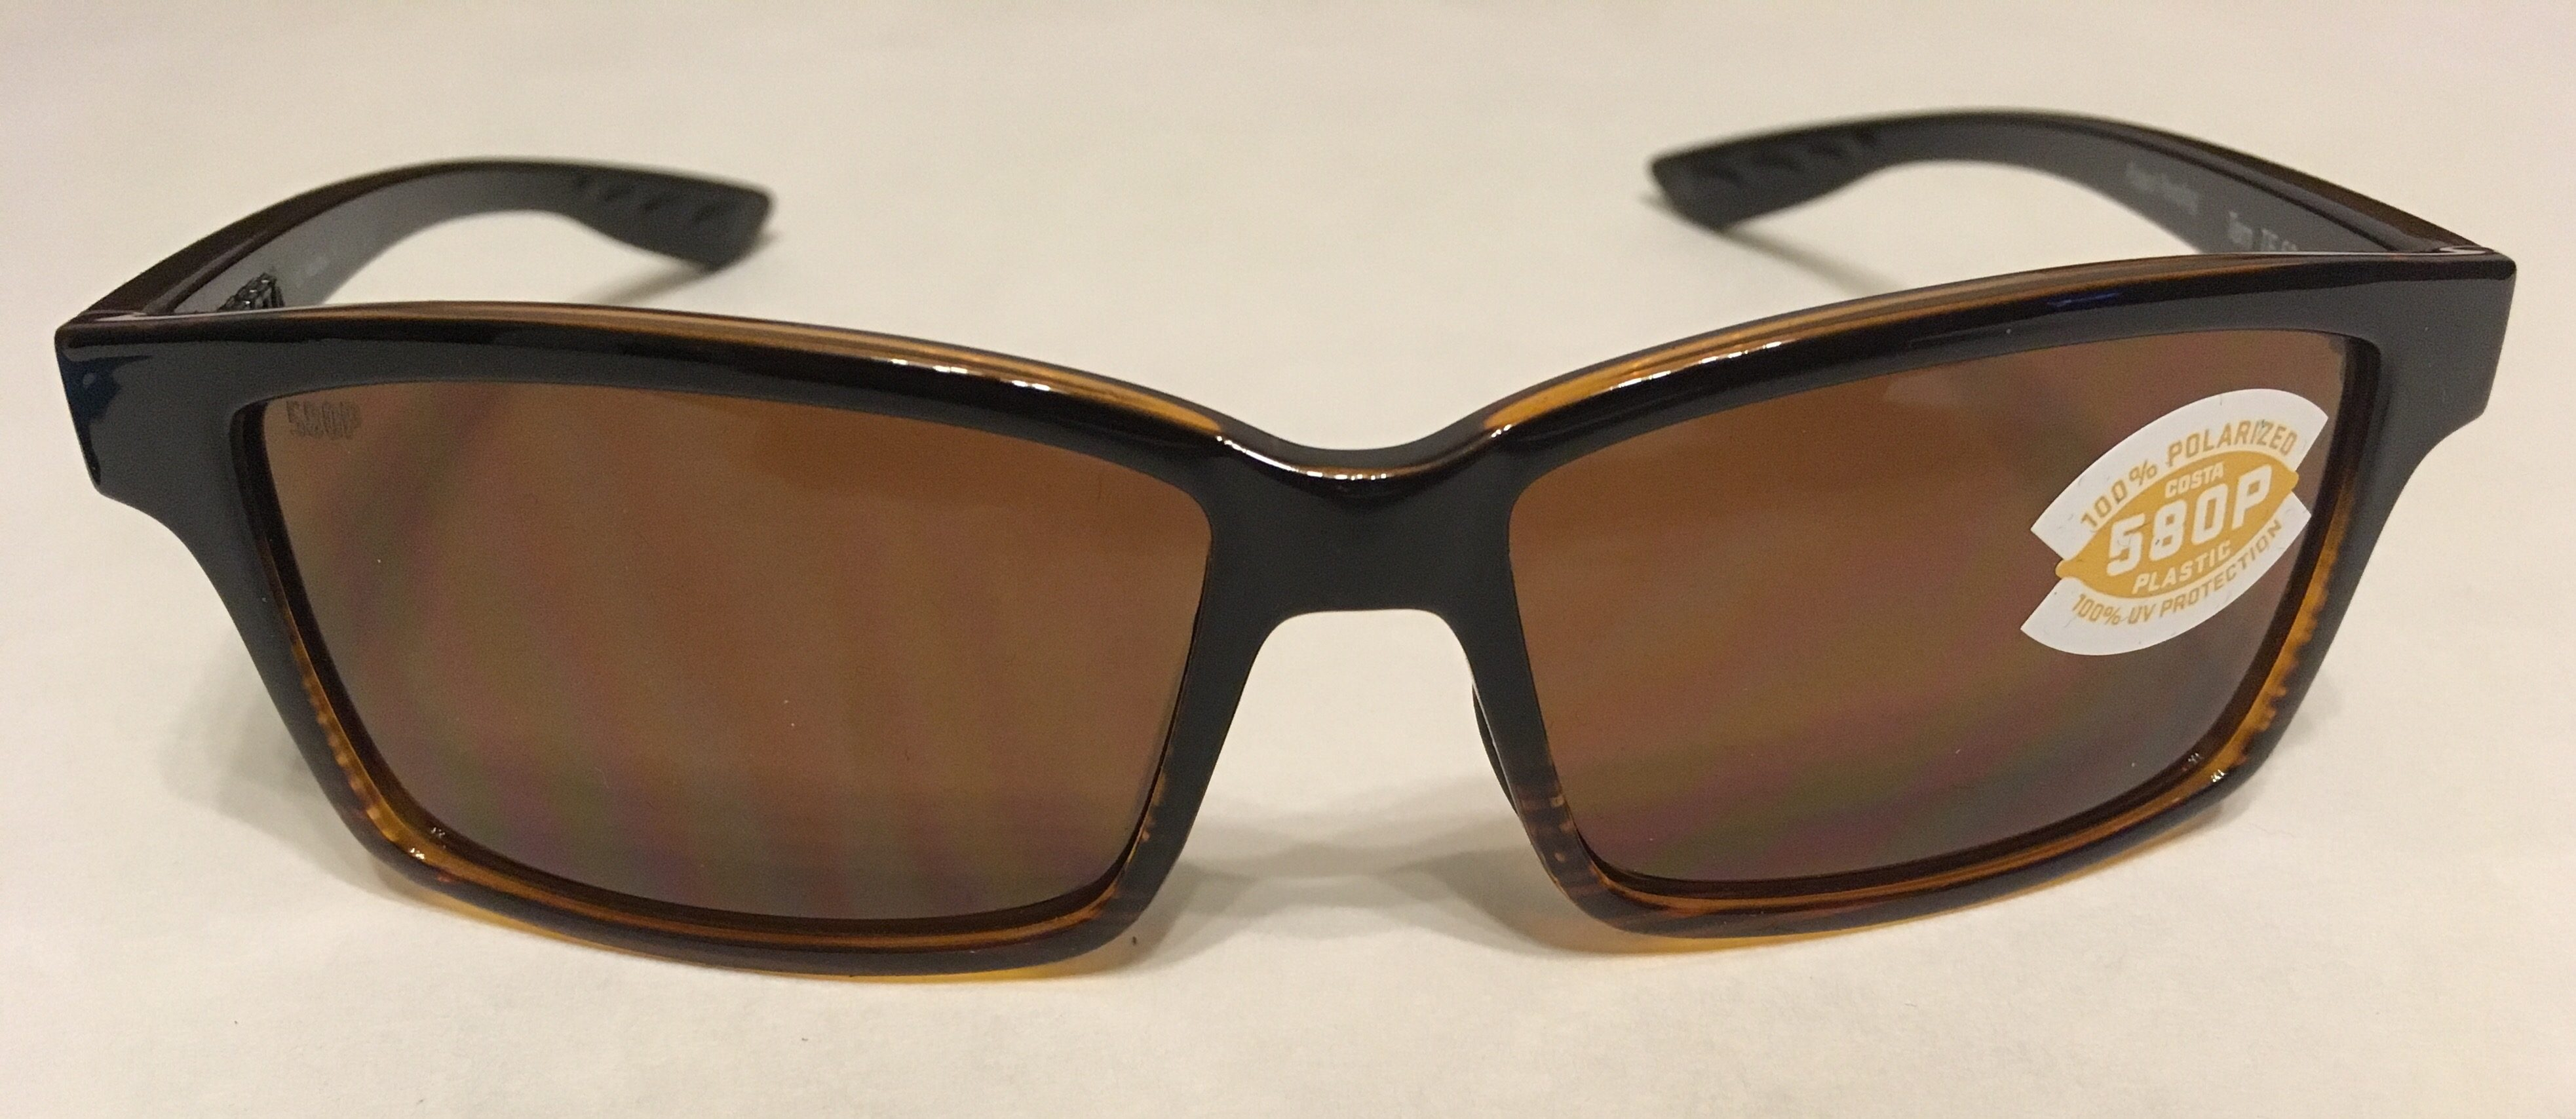 Costa Vela Sunglasses  new costa del mar tern sunglasses coconut fade polarized amber